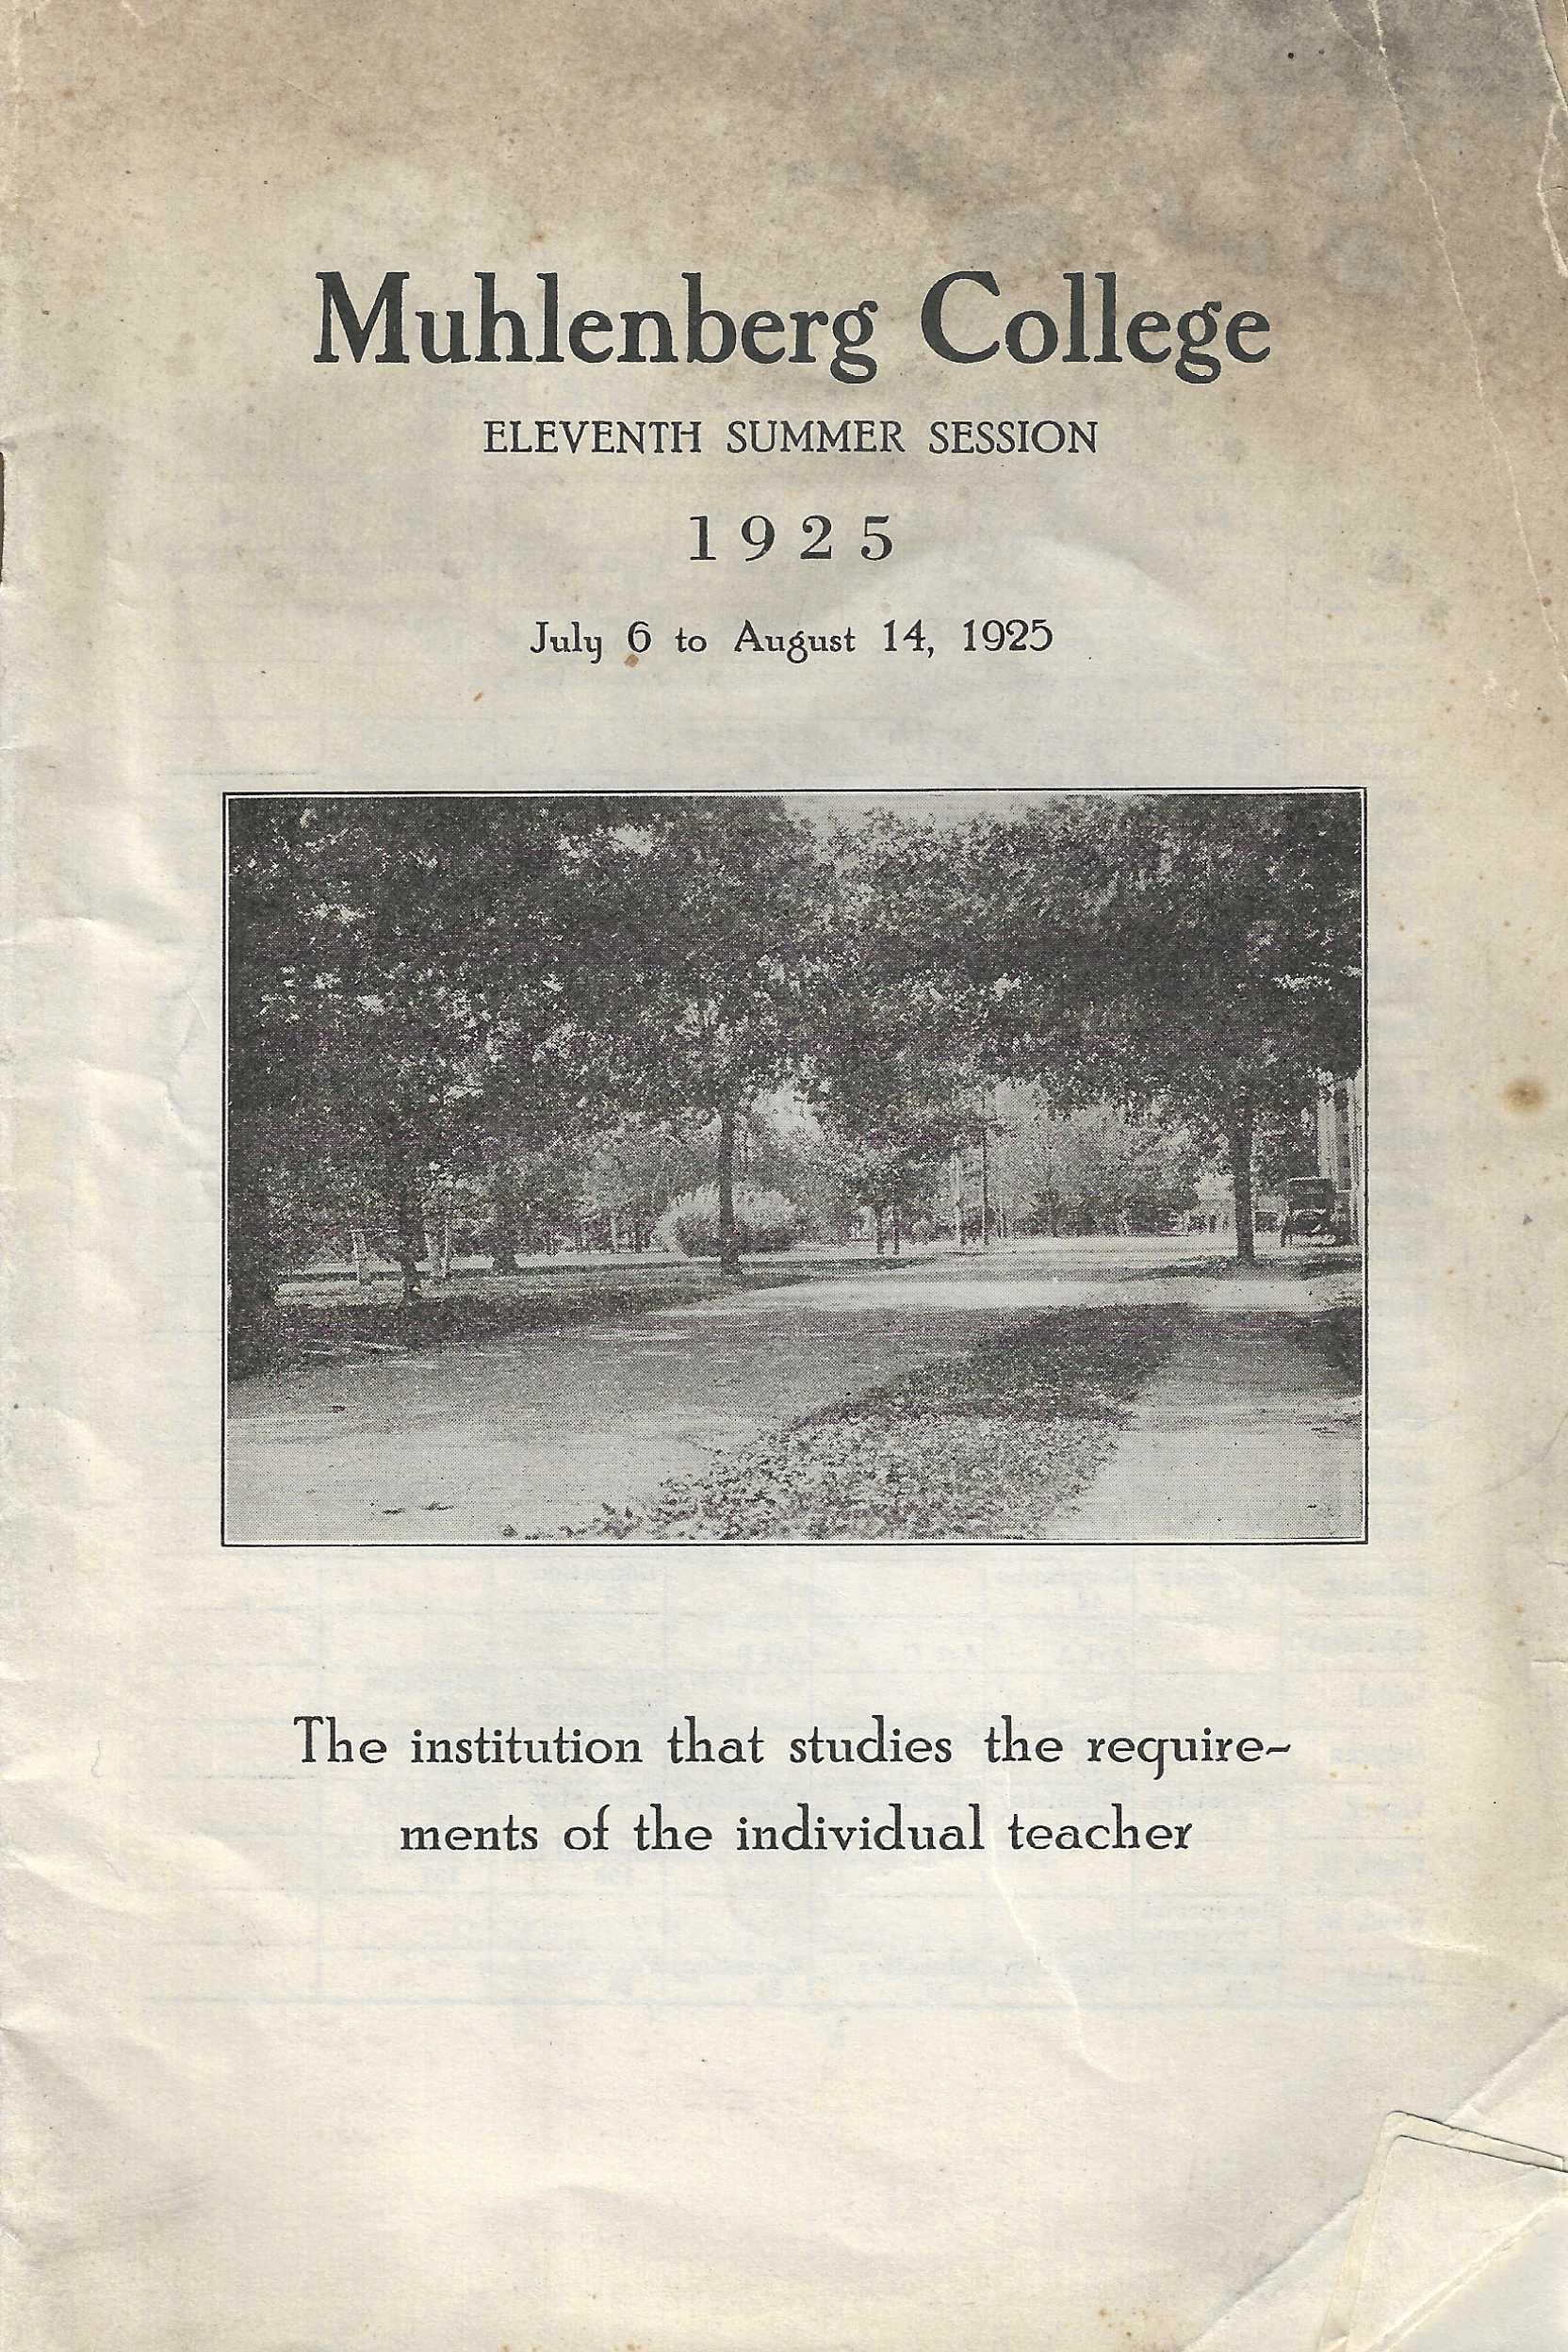 Summer School Brochure, 1925